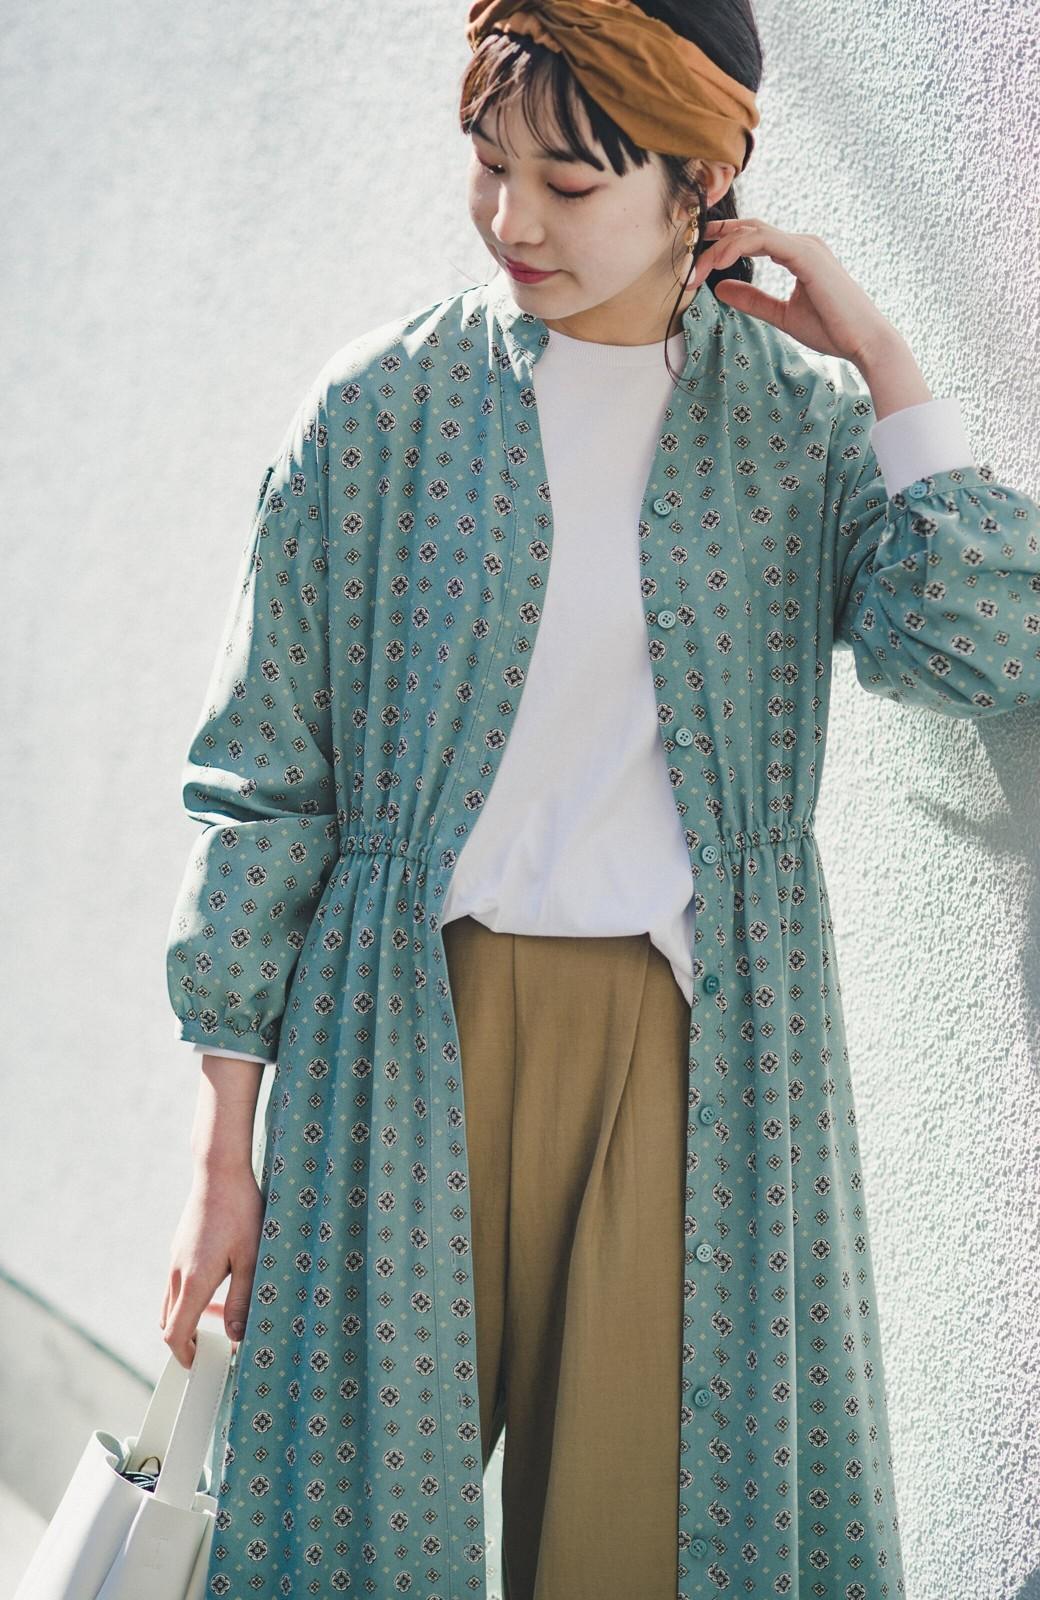 haco! コーデが華やいで気分も上がる 羽織りとしても便利な大人の雰囲気漂う小紋柄風ワンピース <ブルー>の商品写真12